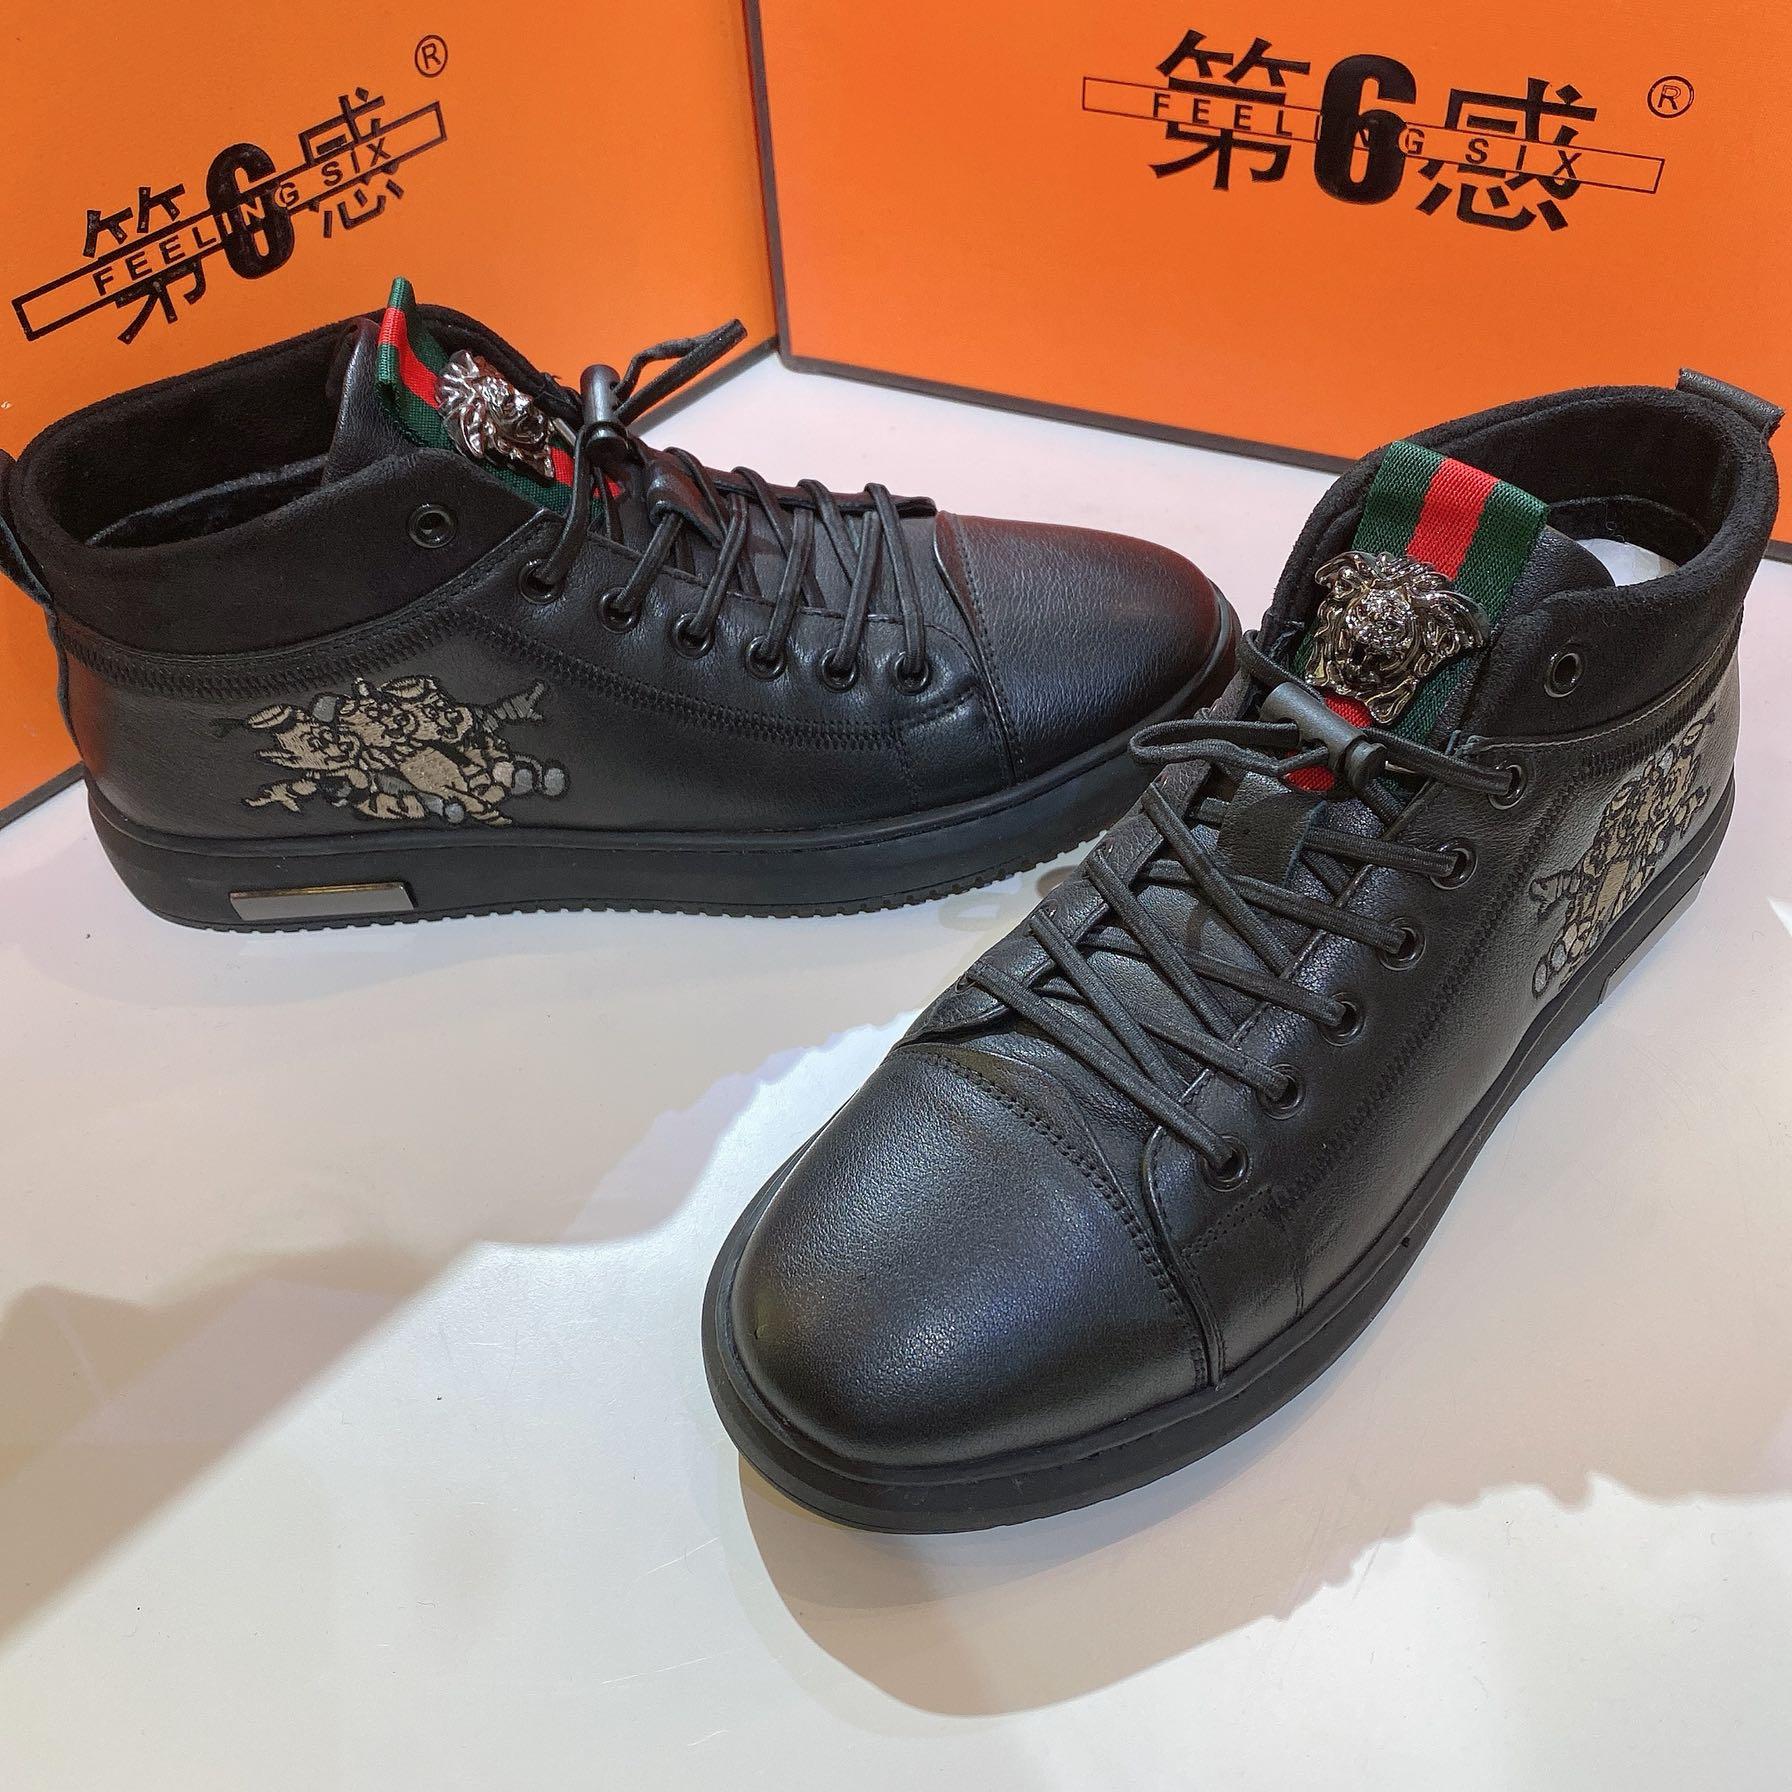 第六感男鞋2019新款秋季韩版潮流板鞋真皮黑色休闲鞋高帮鞋皮鞋男